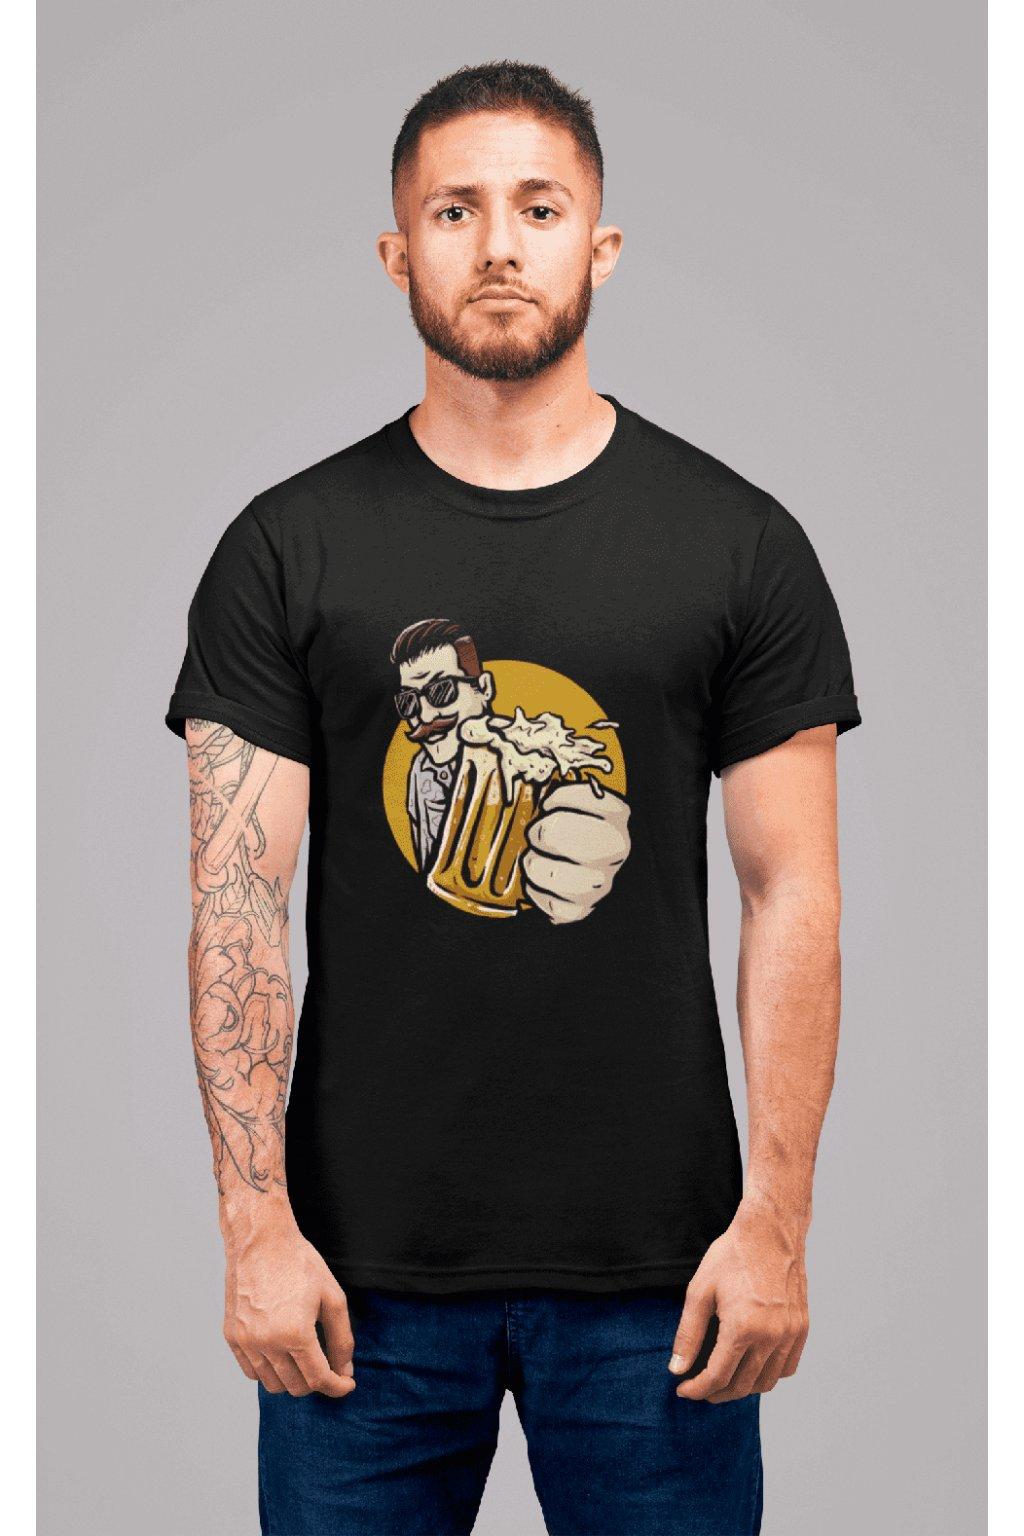 Pánske tričko Chlap s pivom v ruke